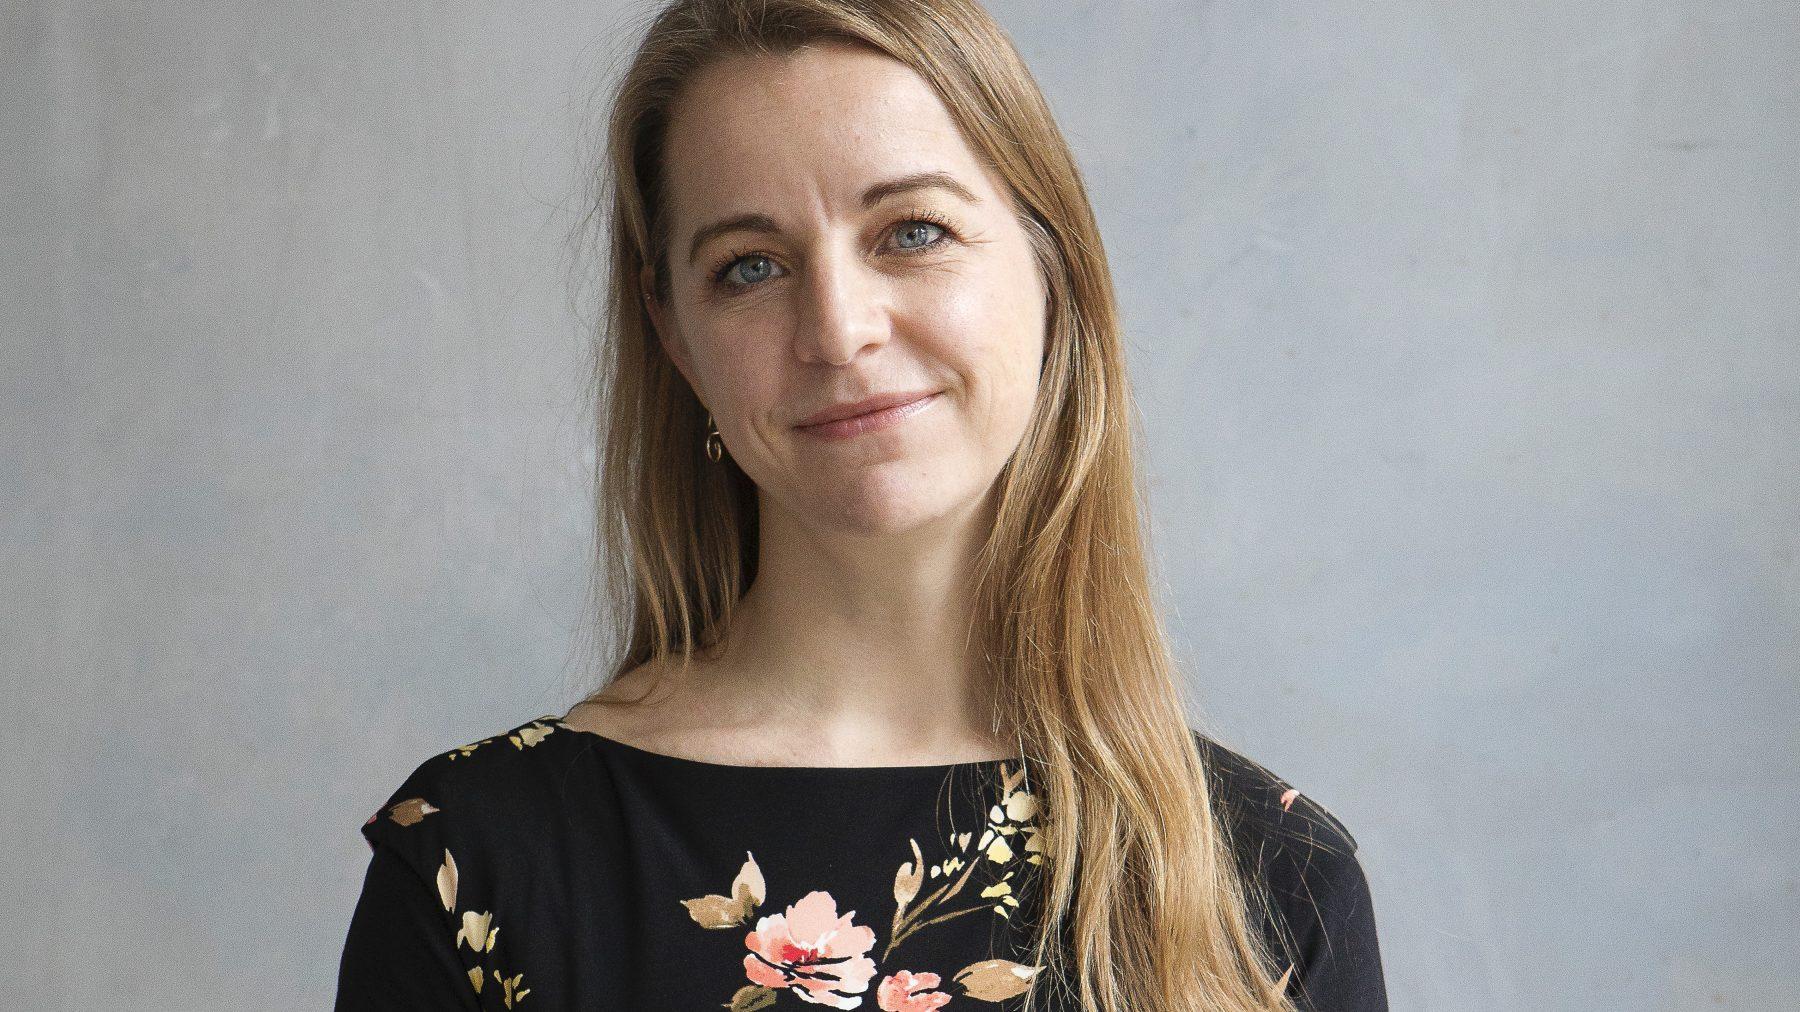 Jetske (40) draagt het Alzheimer-gen: 'Geeft urgentie om in het nu te leven'